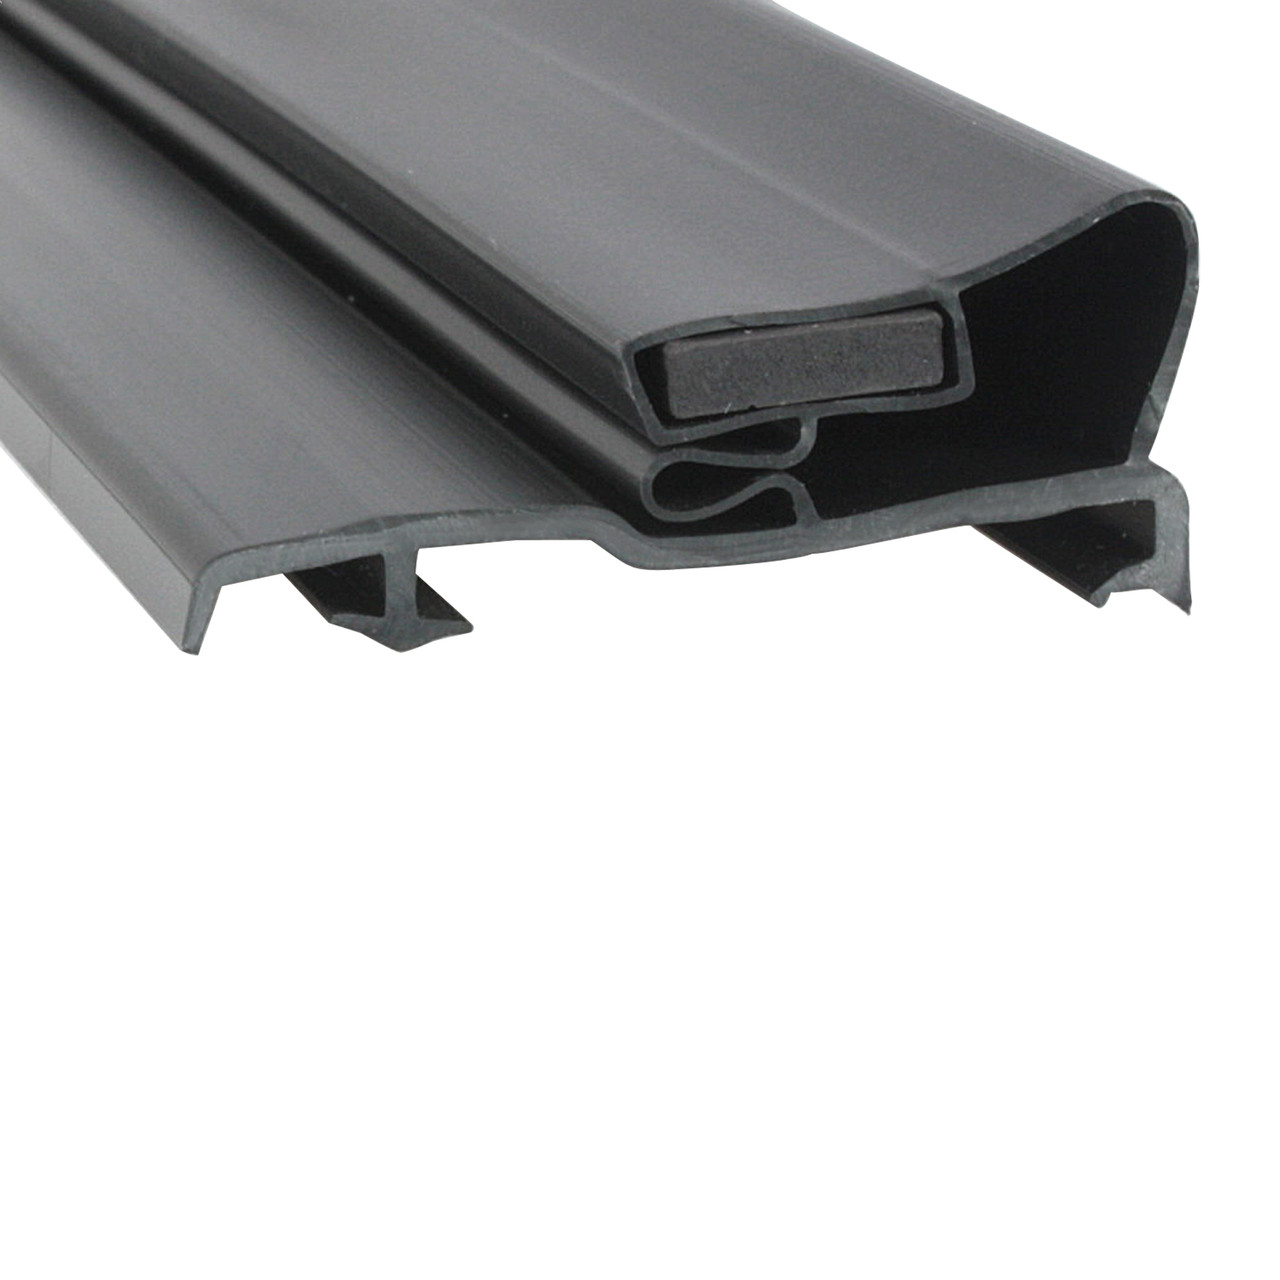 Ardco Door Gasket Profile 290 28 3/4 x 63